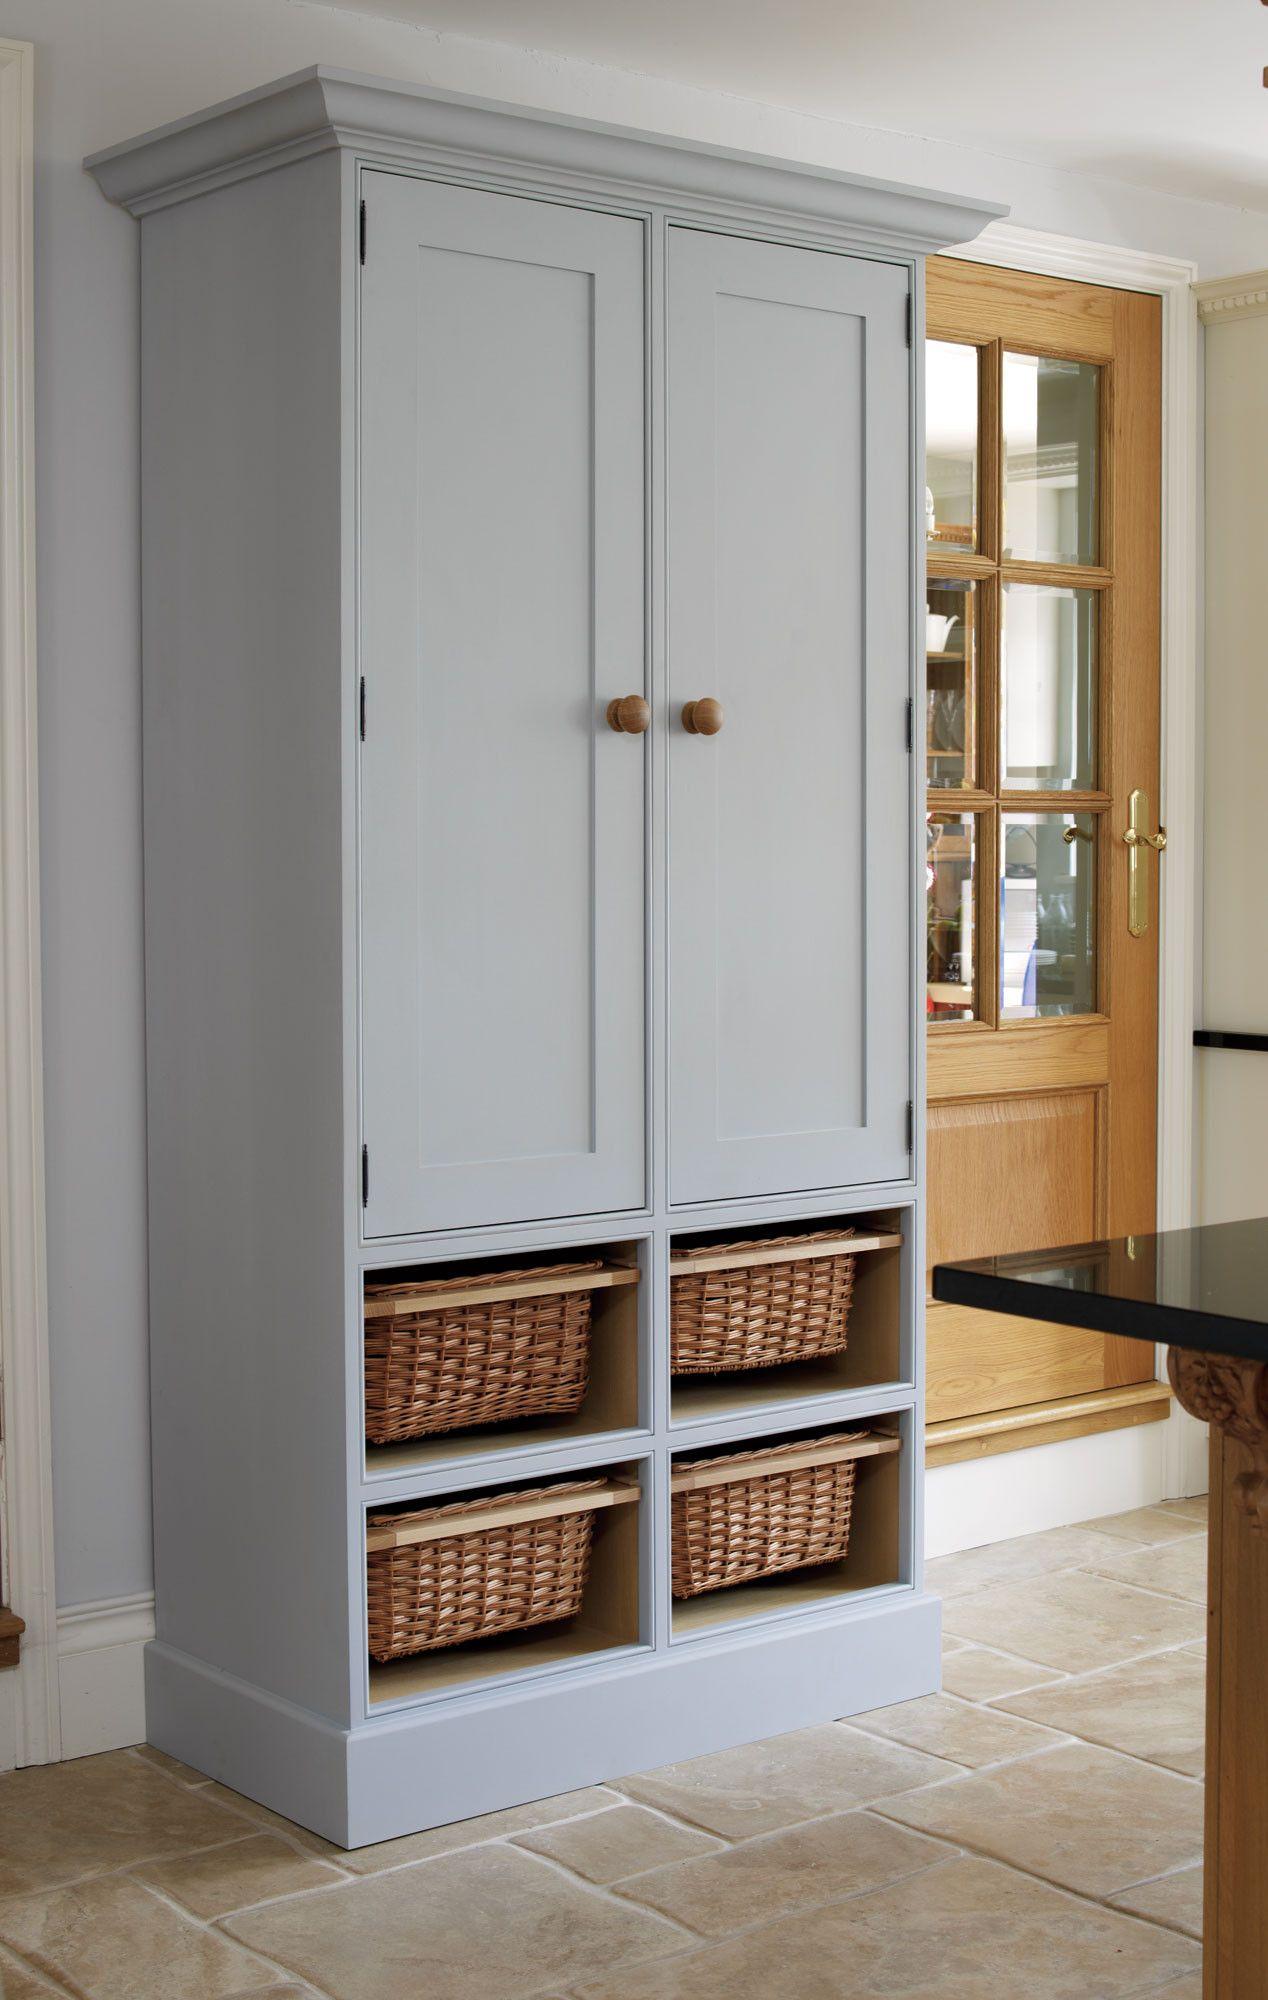 Kitchen Storage Cabinet Free Standing New Home Design On Design My Kitchen Cabinets In 2020 Free Standing Kitchen Cabinets Freestanding Kitchen Kitchen Cabinet Storage